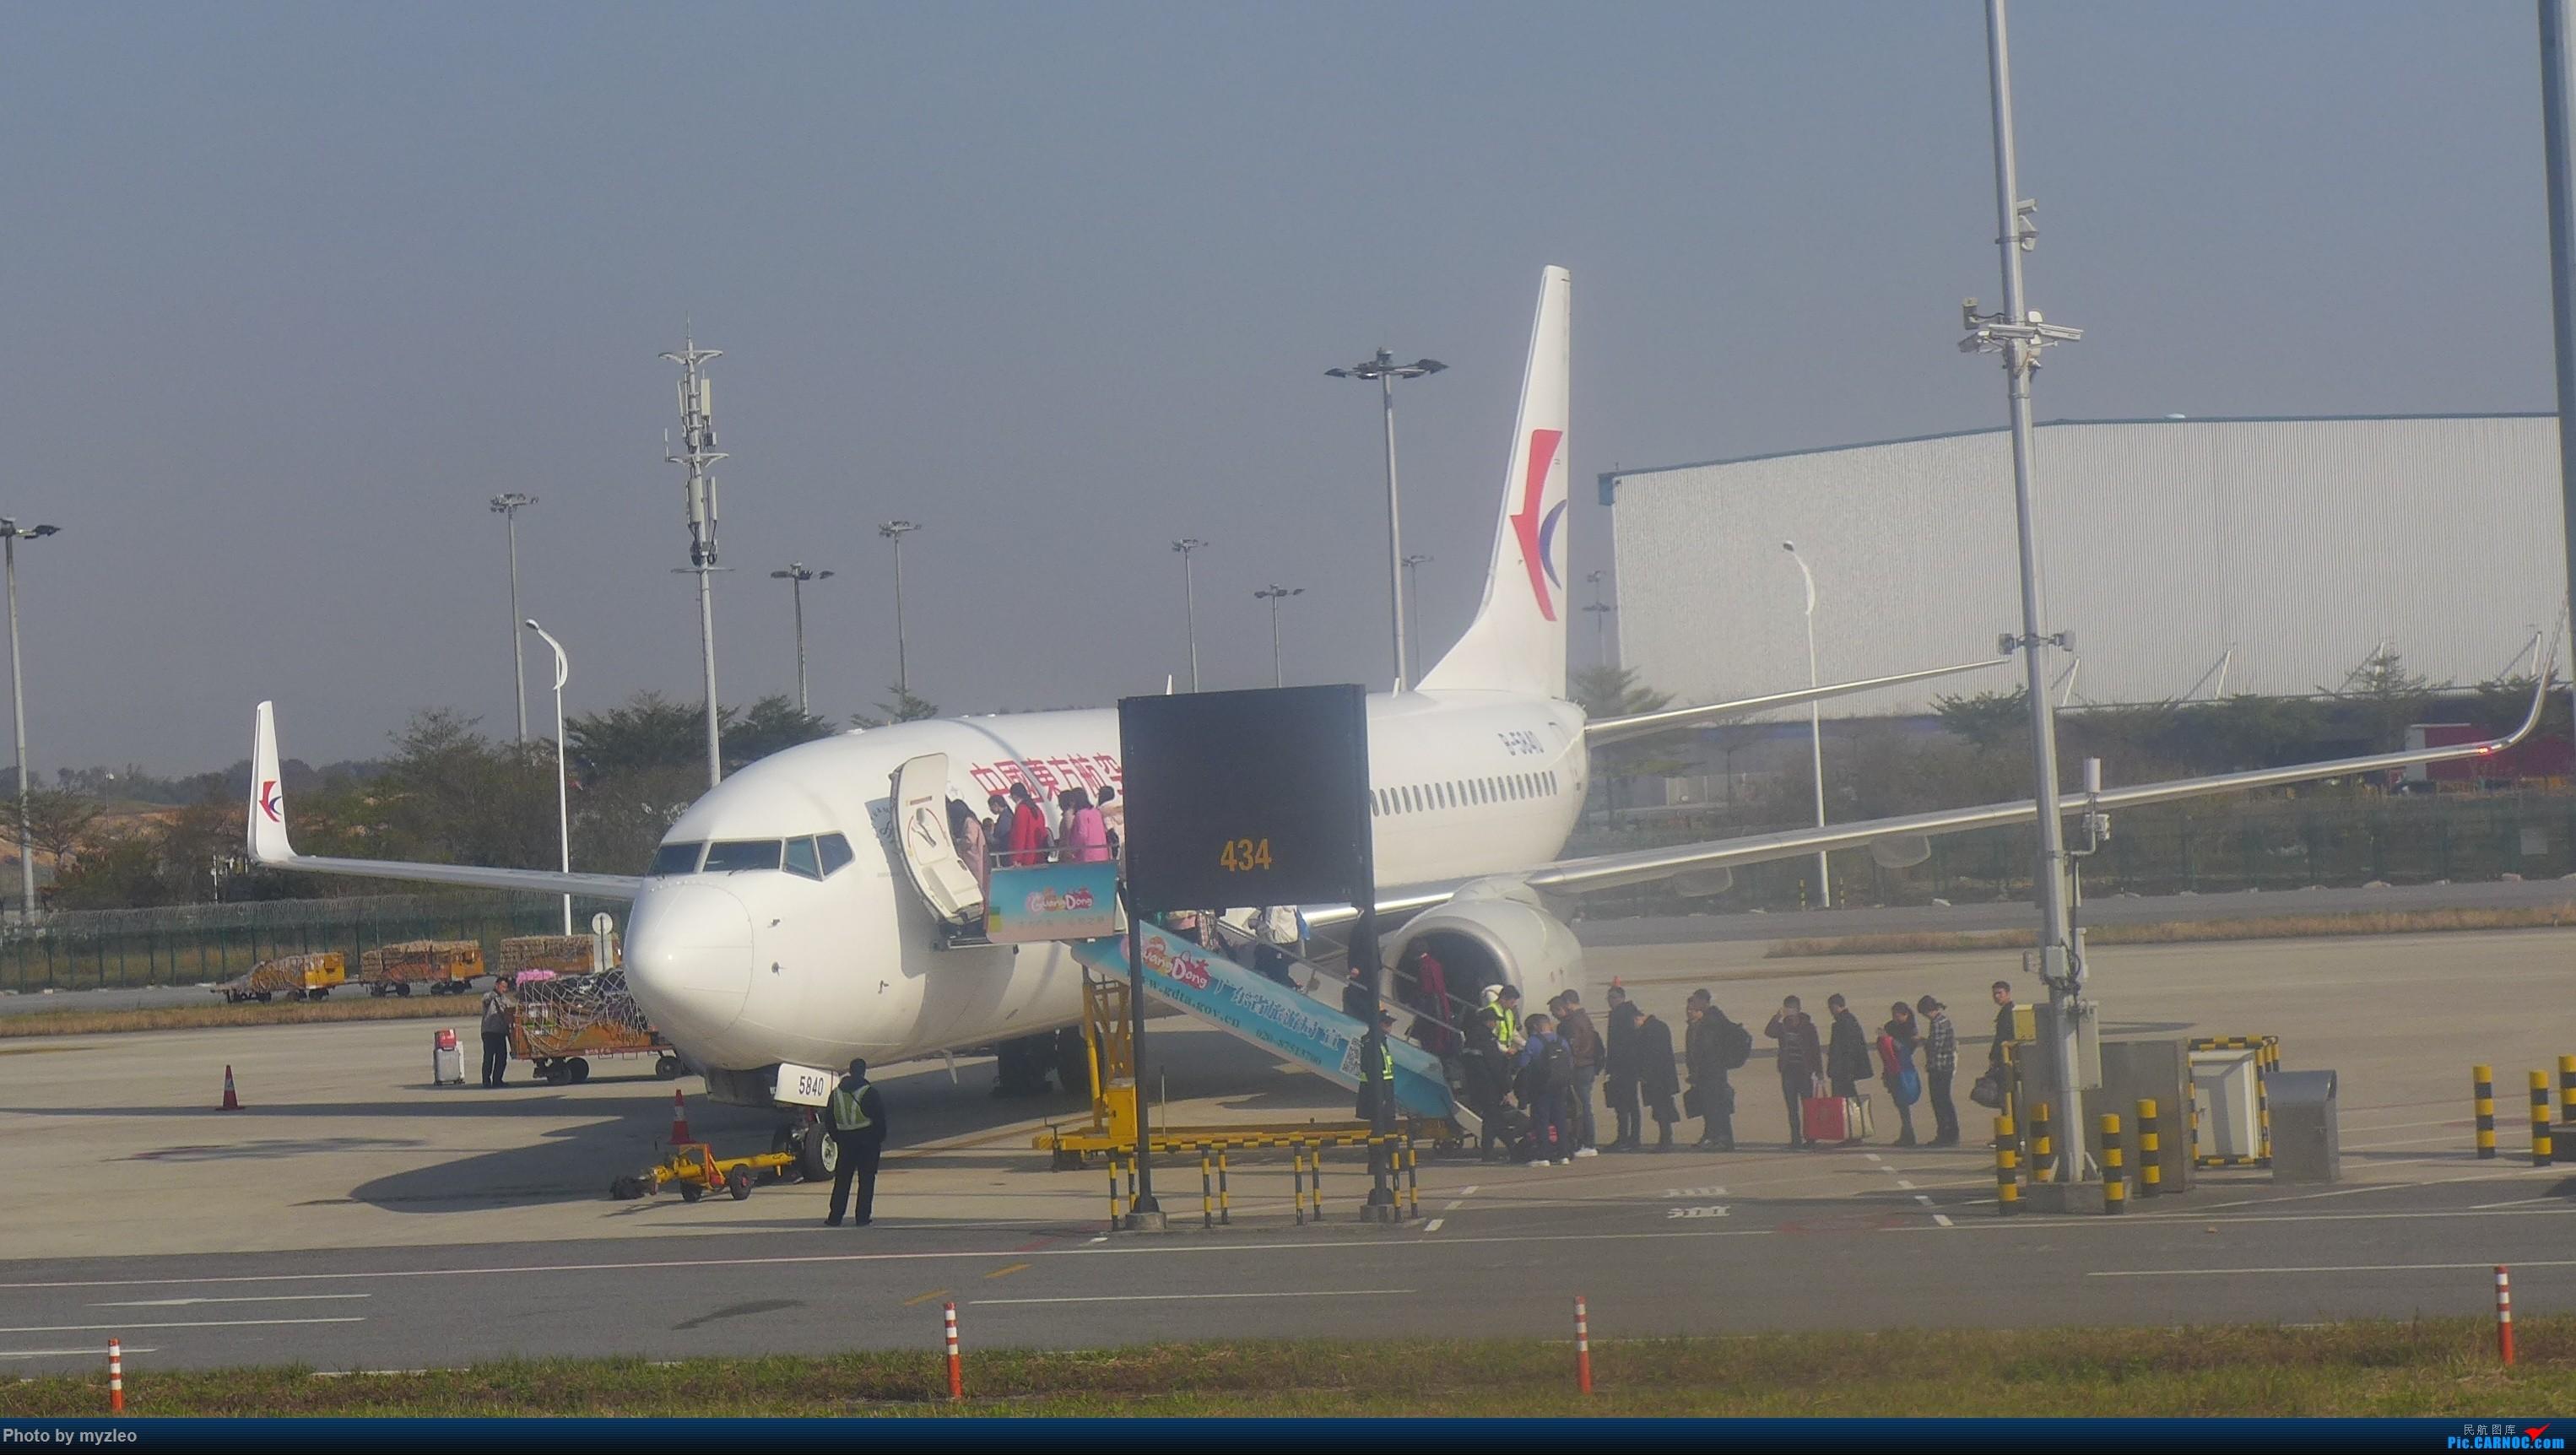 Re:[原创]【myzleo的游记1】六天五晚广州行——SHA-CAN上航商务舱初体验+广州城内 BOEING 737-800 B-5840 中国广州白云国际机场